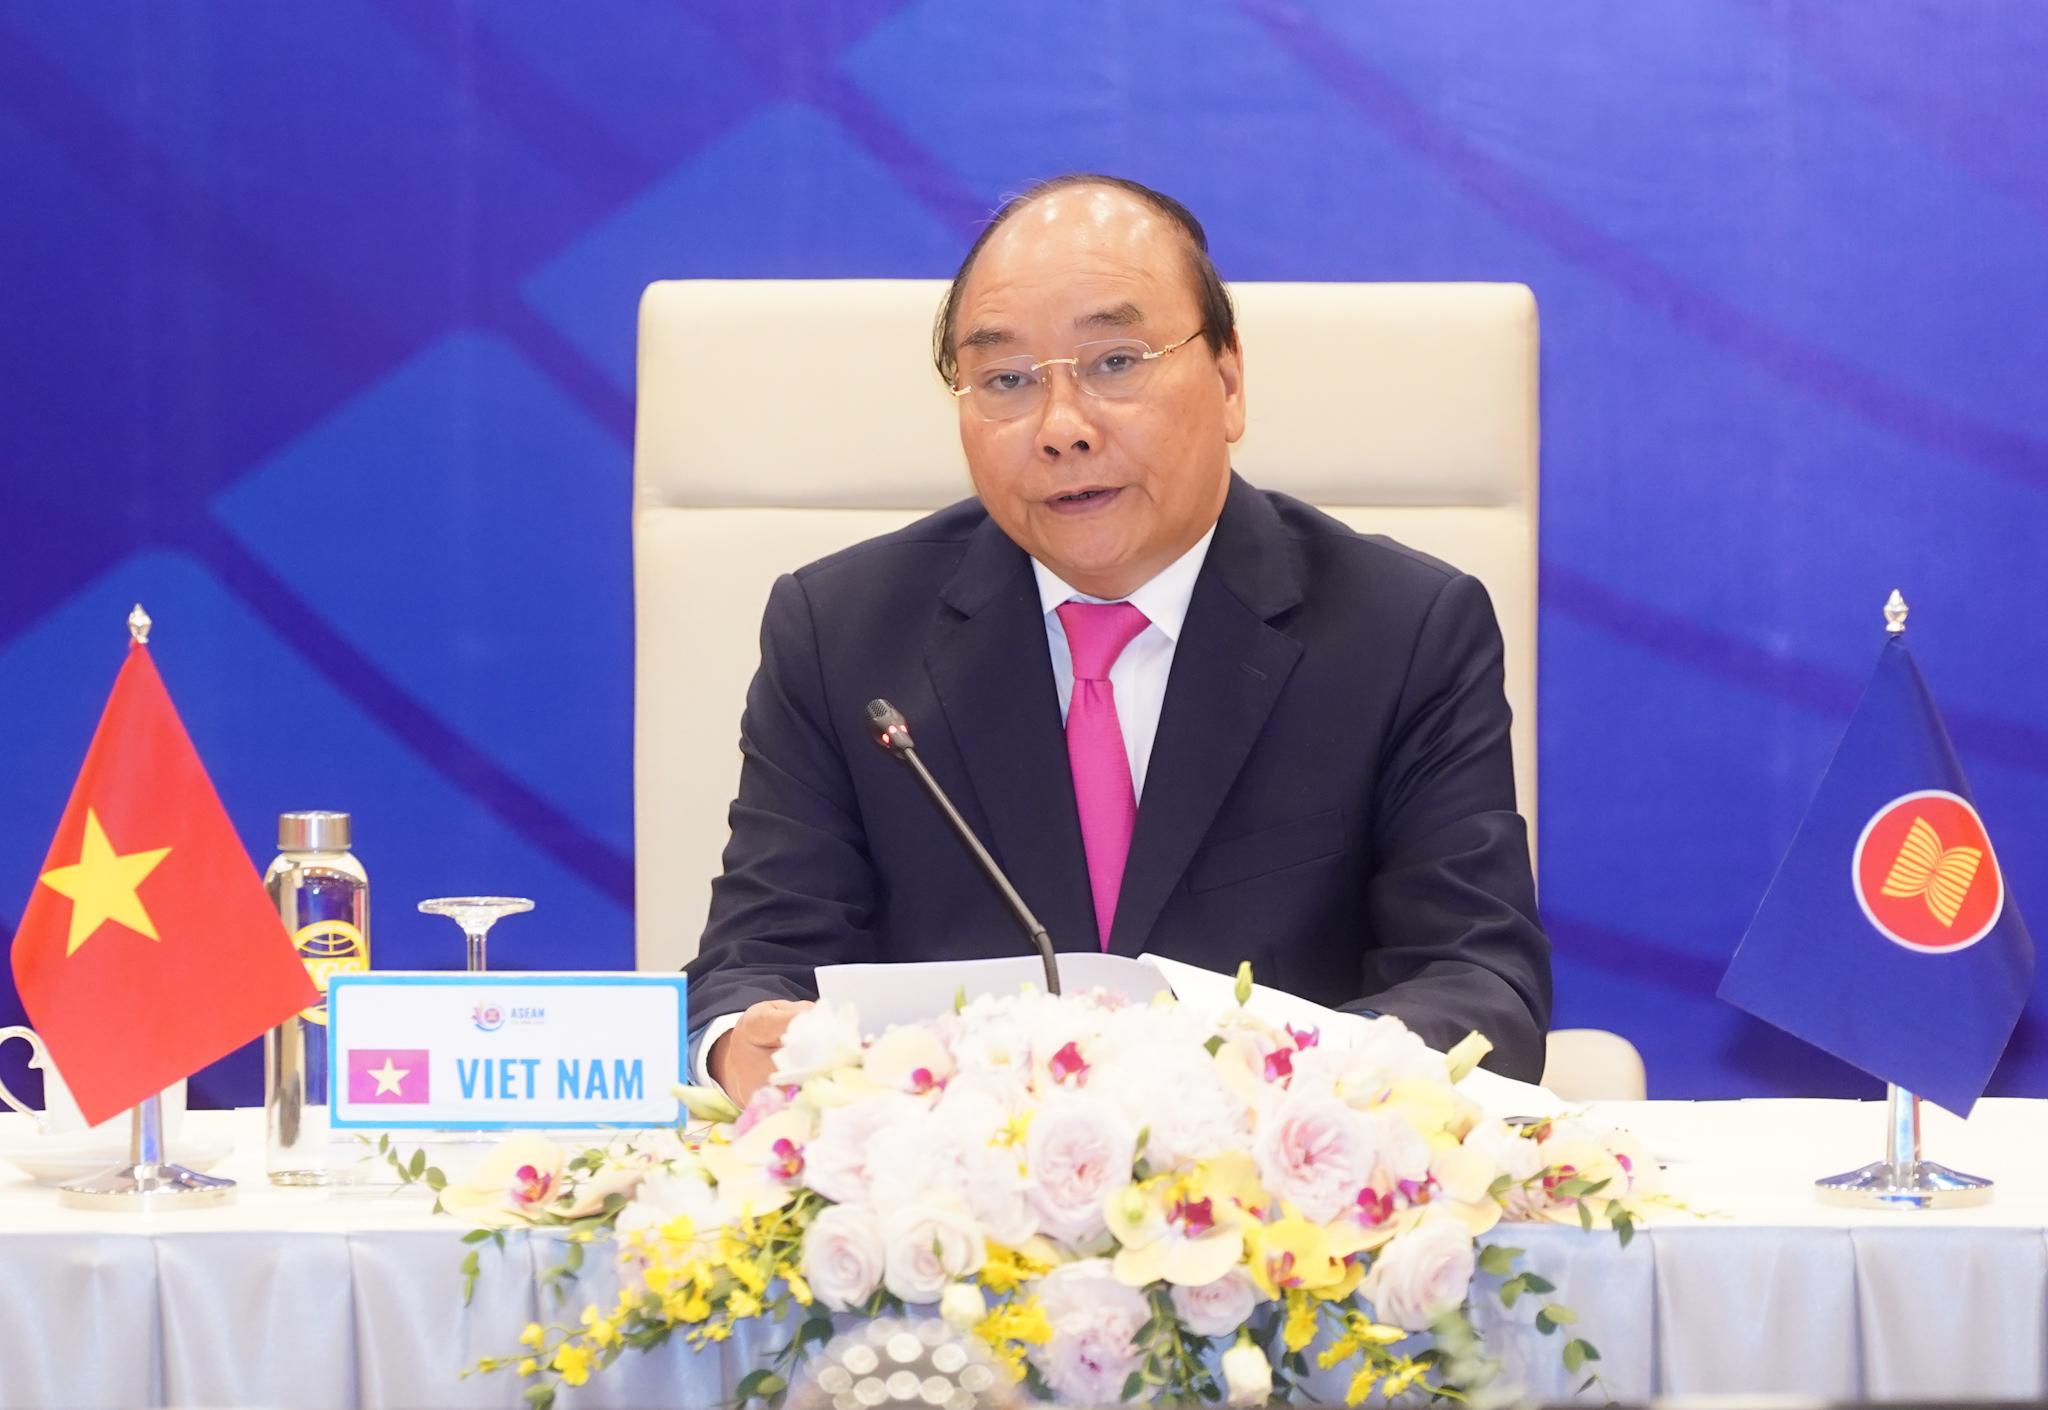 Các nước ASEAN nhấn mạnh tinh thần thượng tôn pháp luật ở Biển Đông